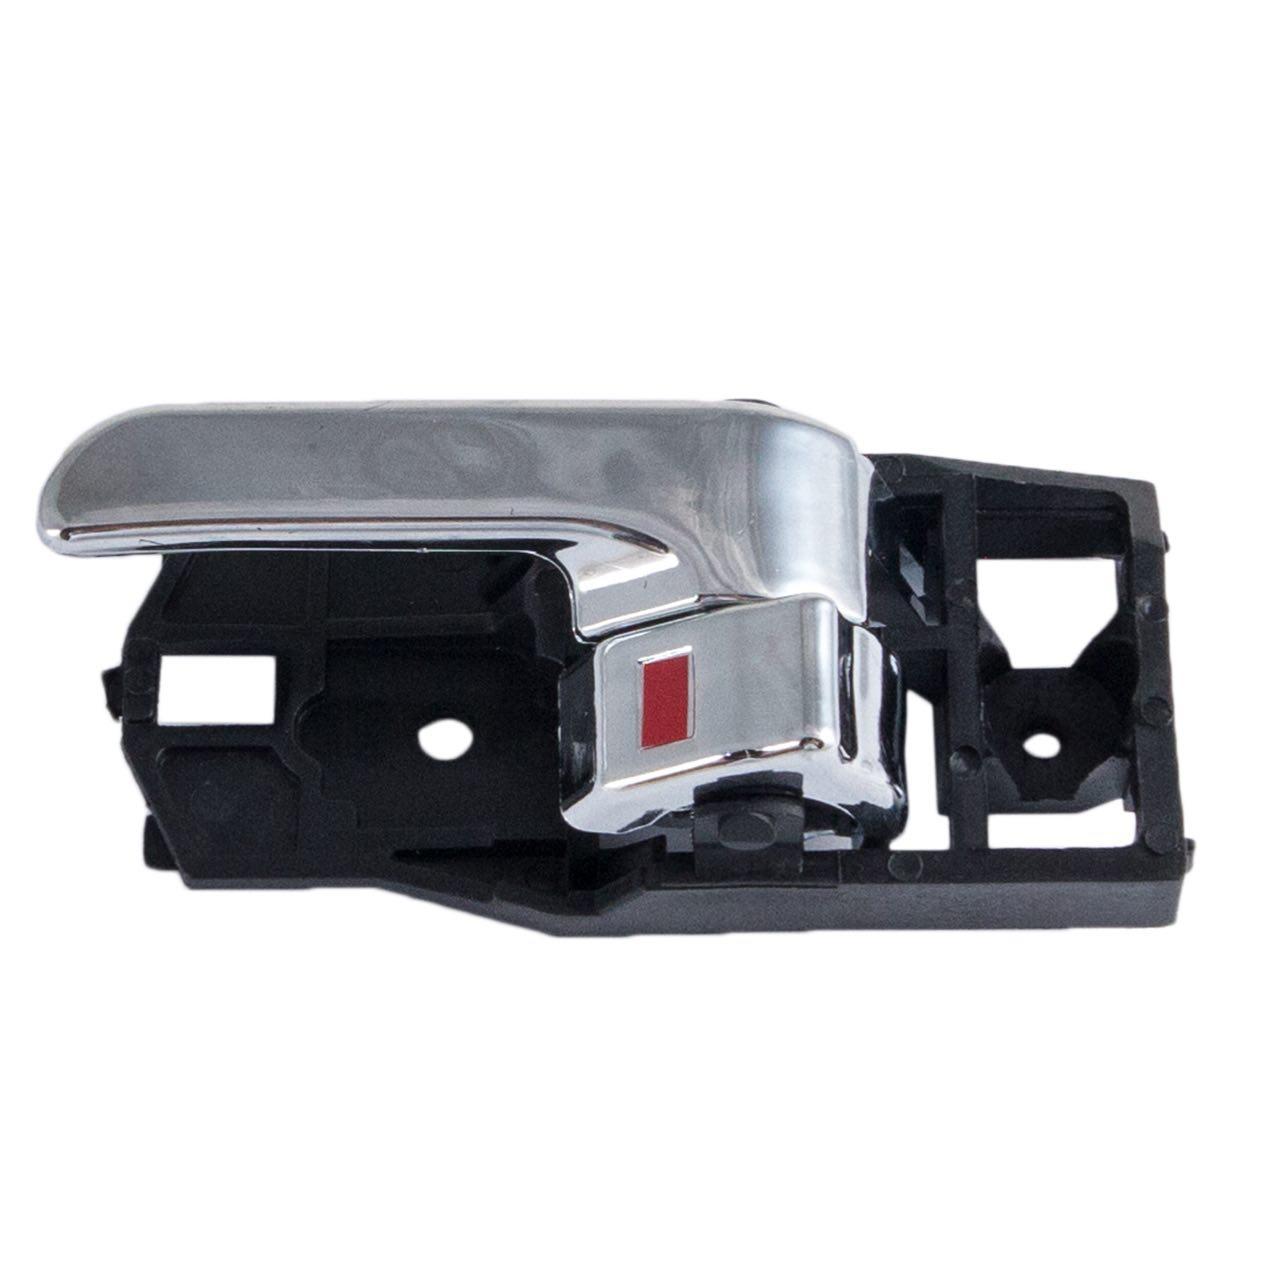 دستگیره داخلی راست در خودرو  مدل  A21-61052130BE مناسب برای ام وی ام 530